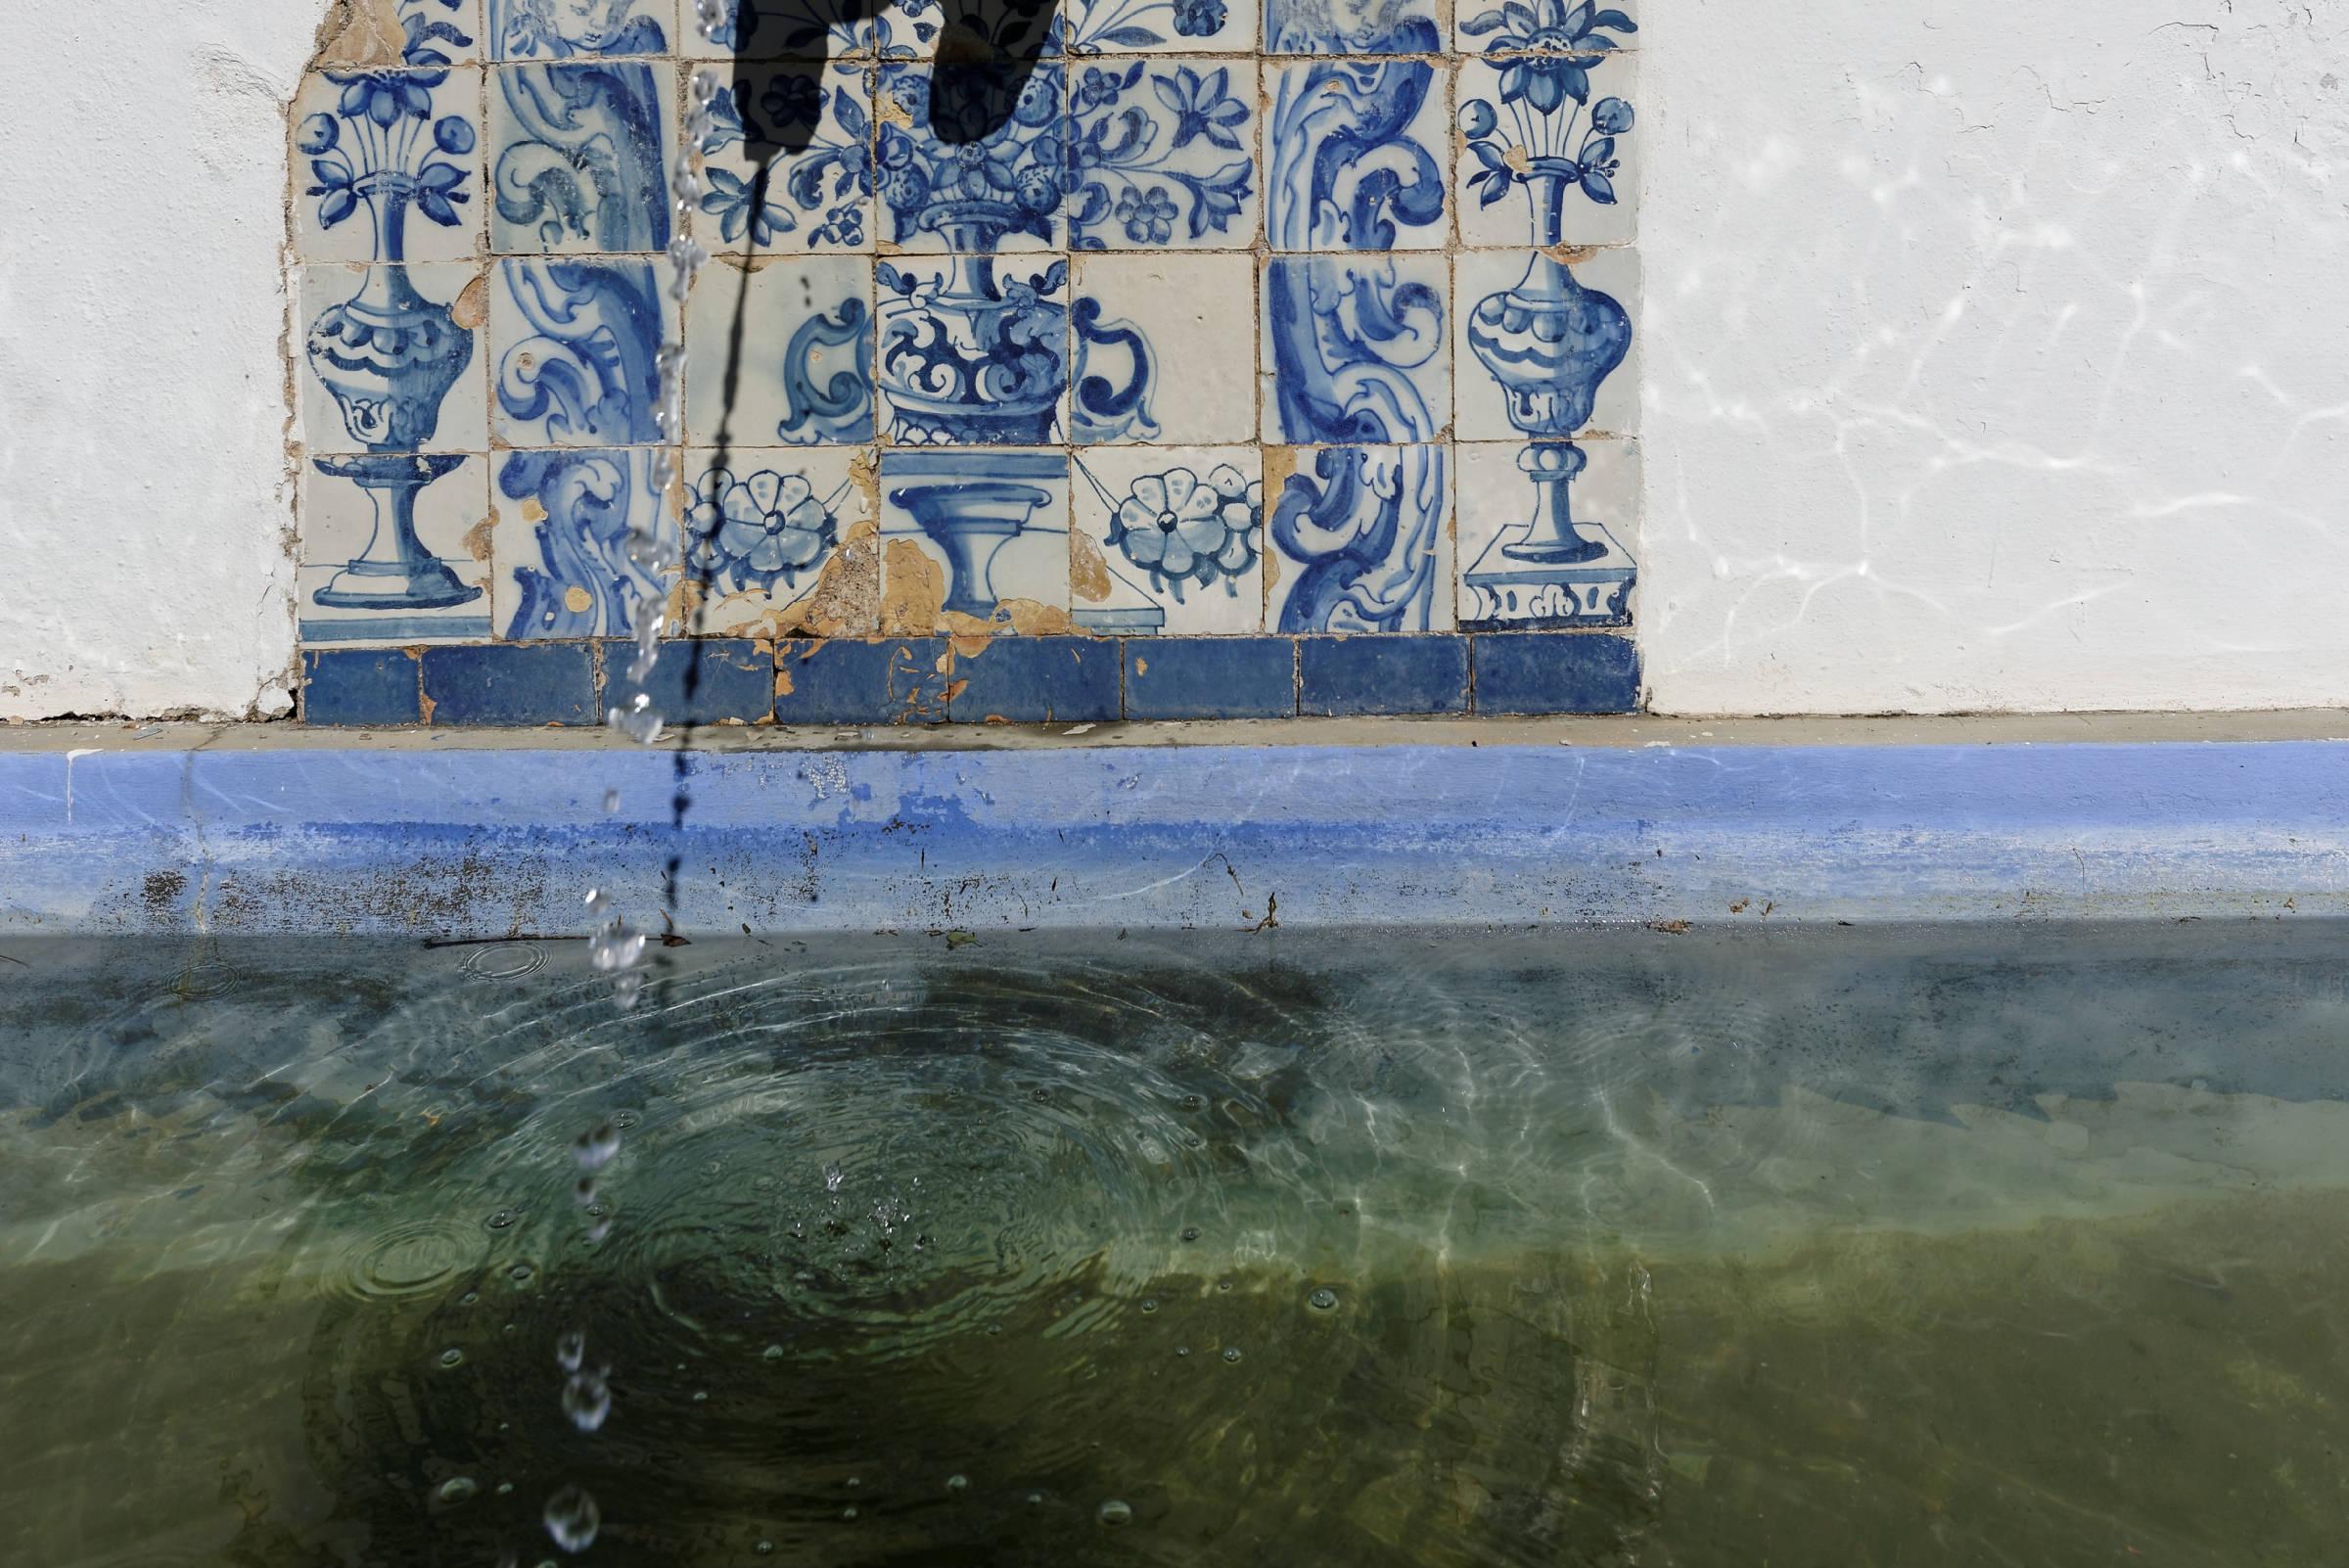 160407-Convento de sao paulo (Alentero Portugal) (184)_2